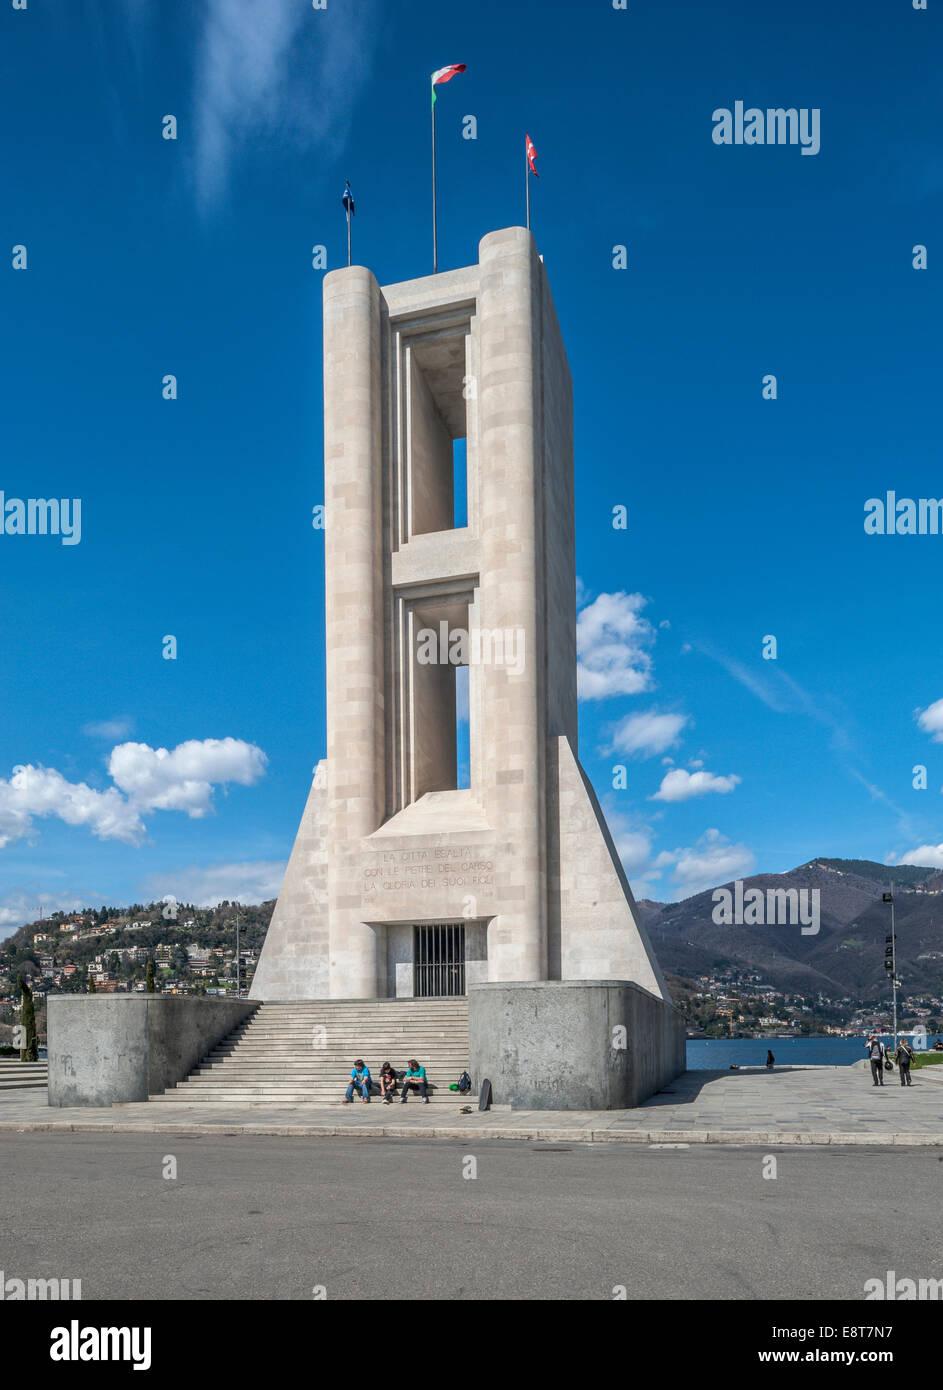 Monumento ai Caduti monumento ai caduti in guerra sul Lago di Como, architetto Giuseppe Terragni, neoclassicismo, Immagini Stock